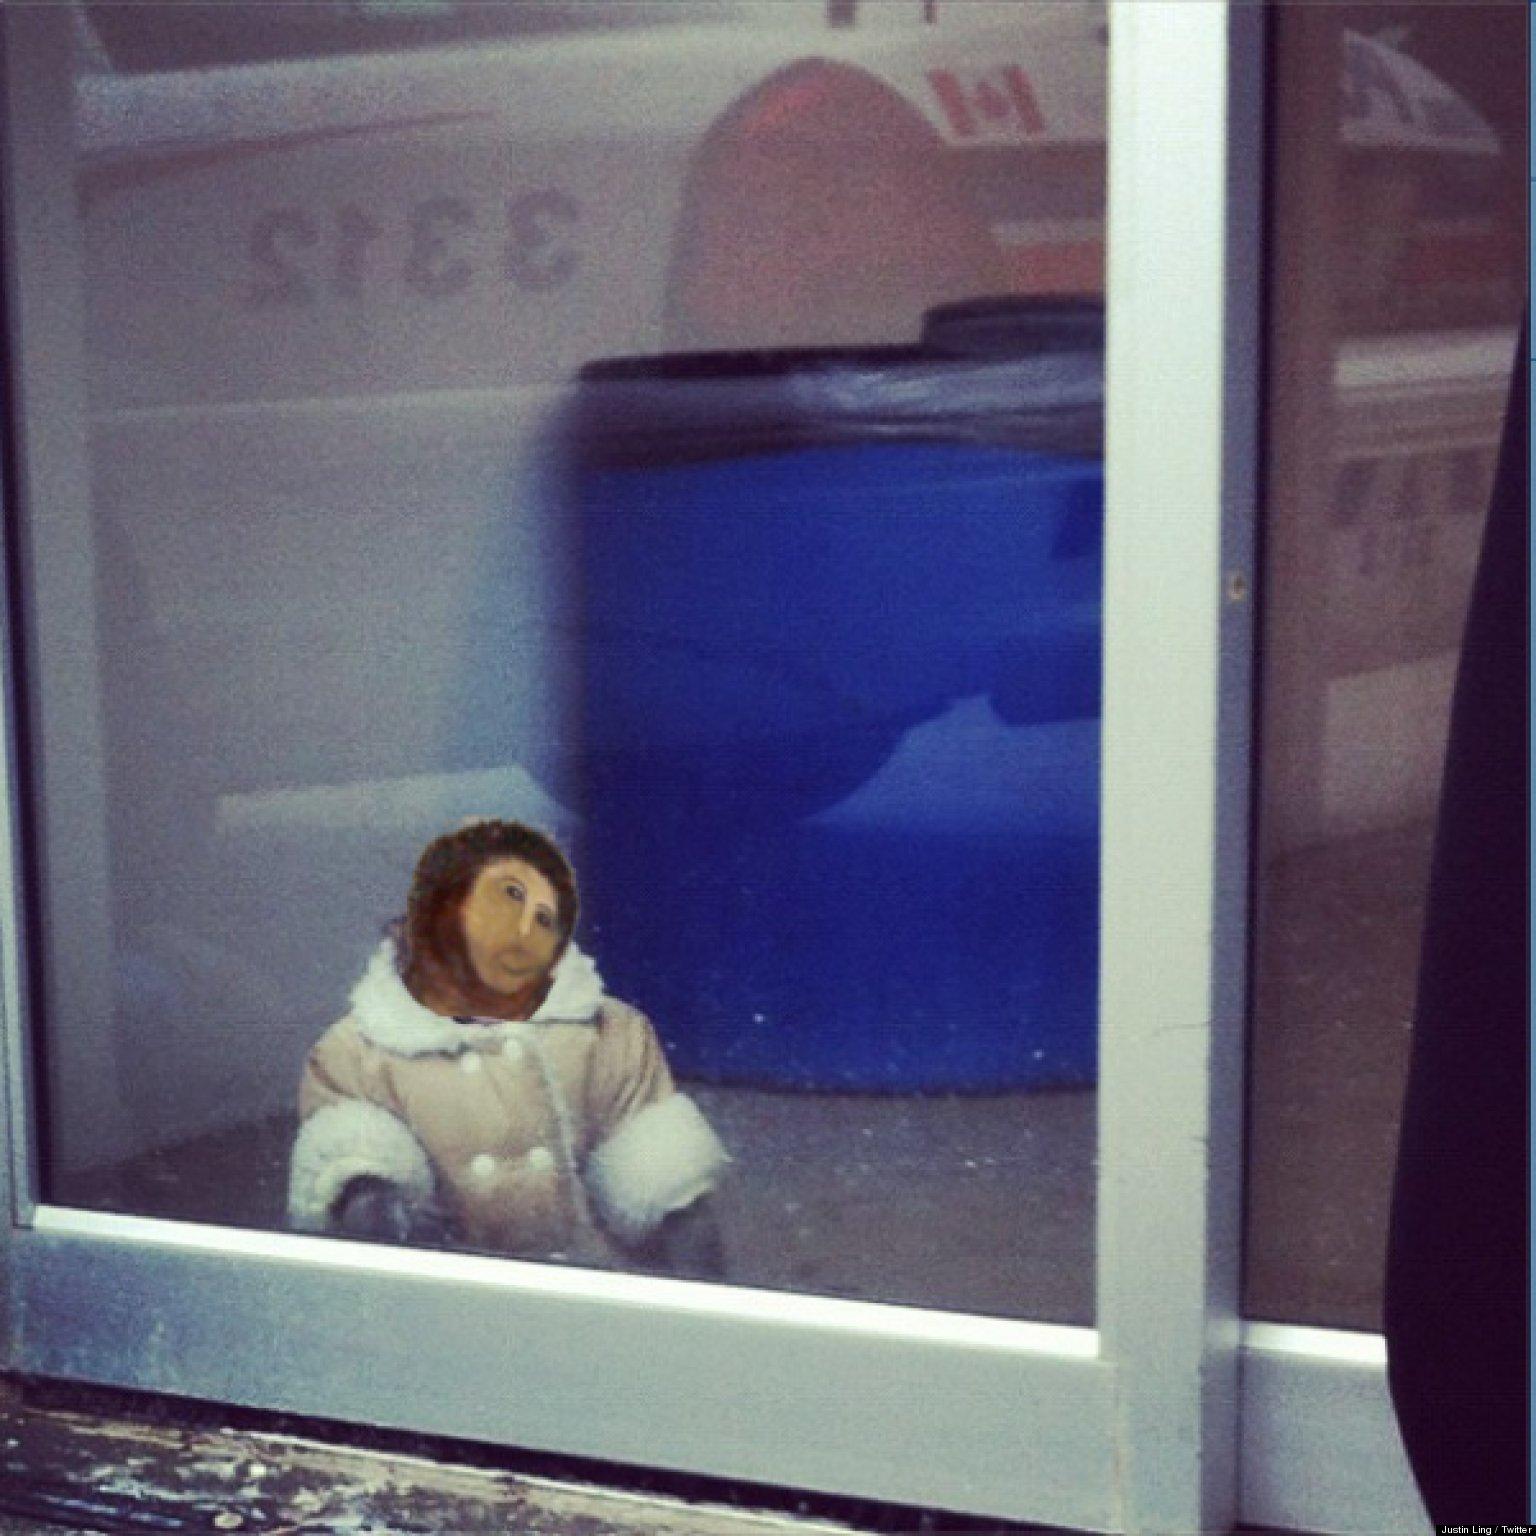 Ikea Monkey Meme Soon Ikea Monkey Or ...